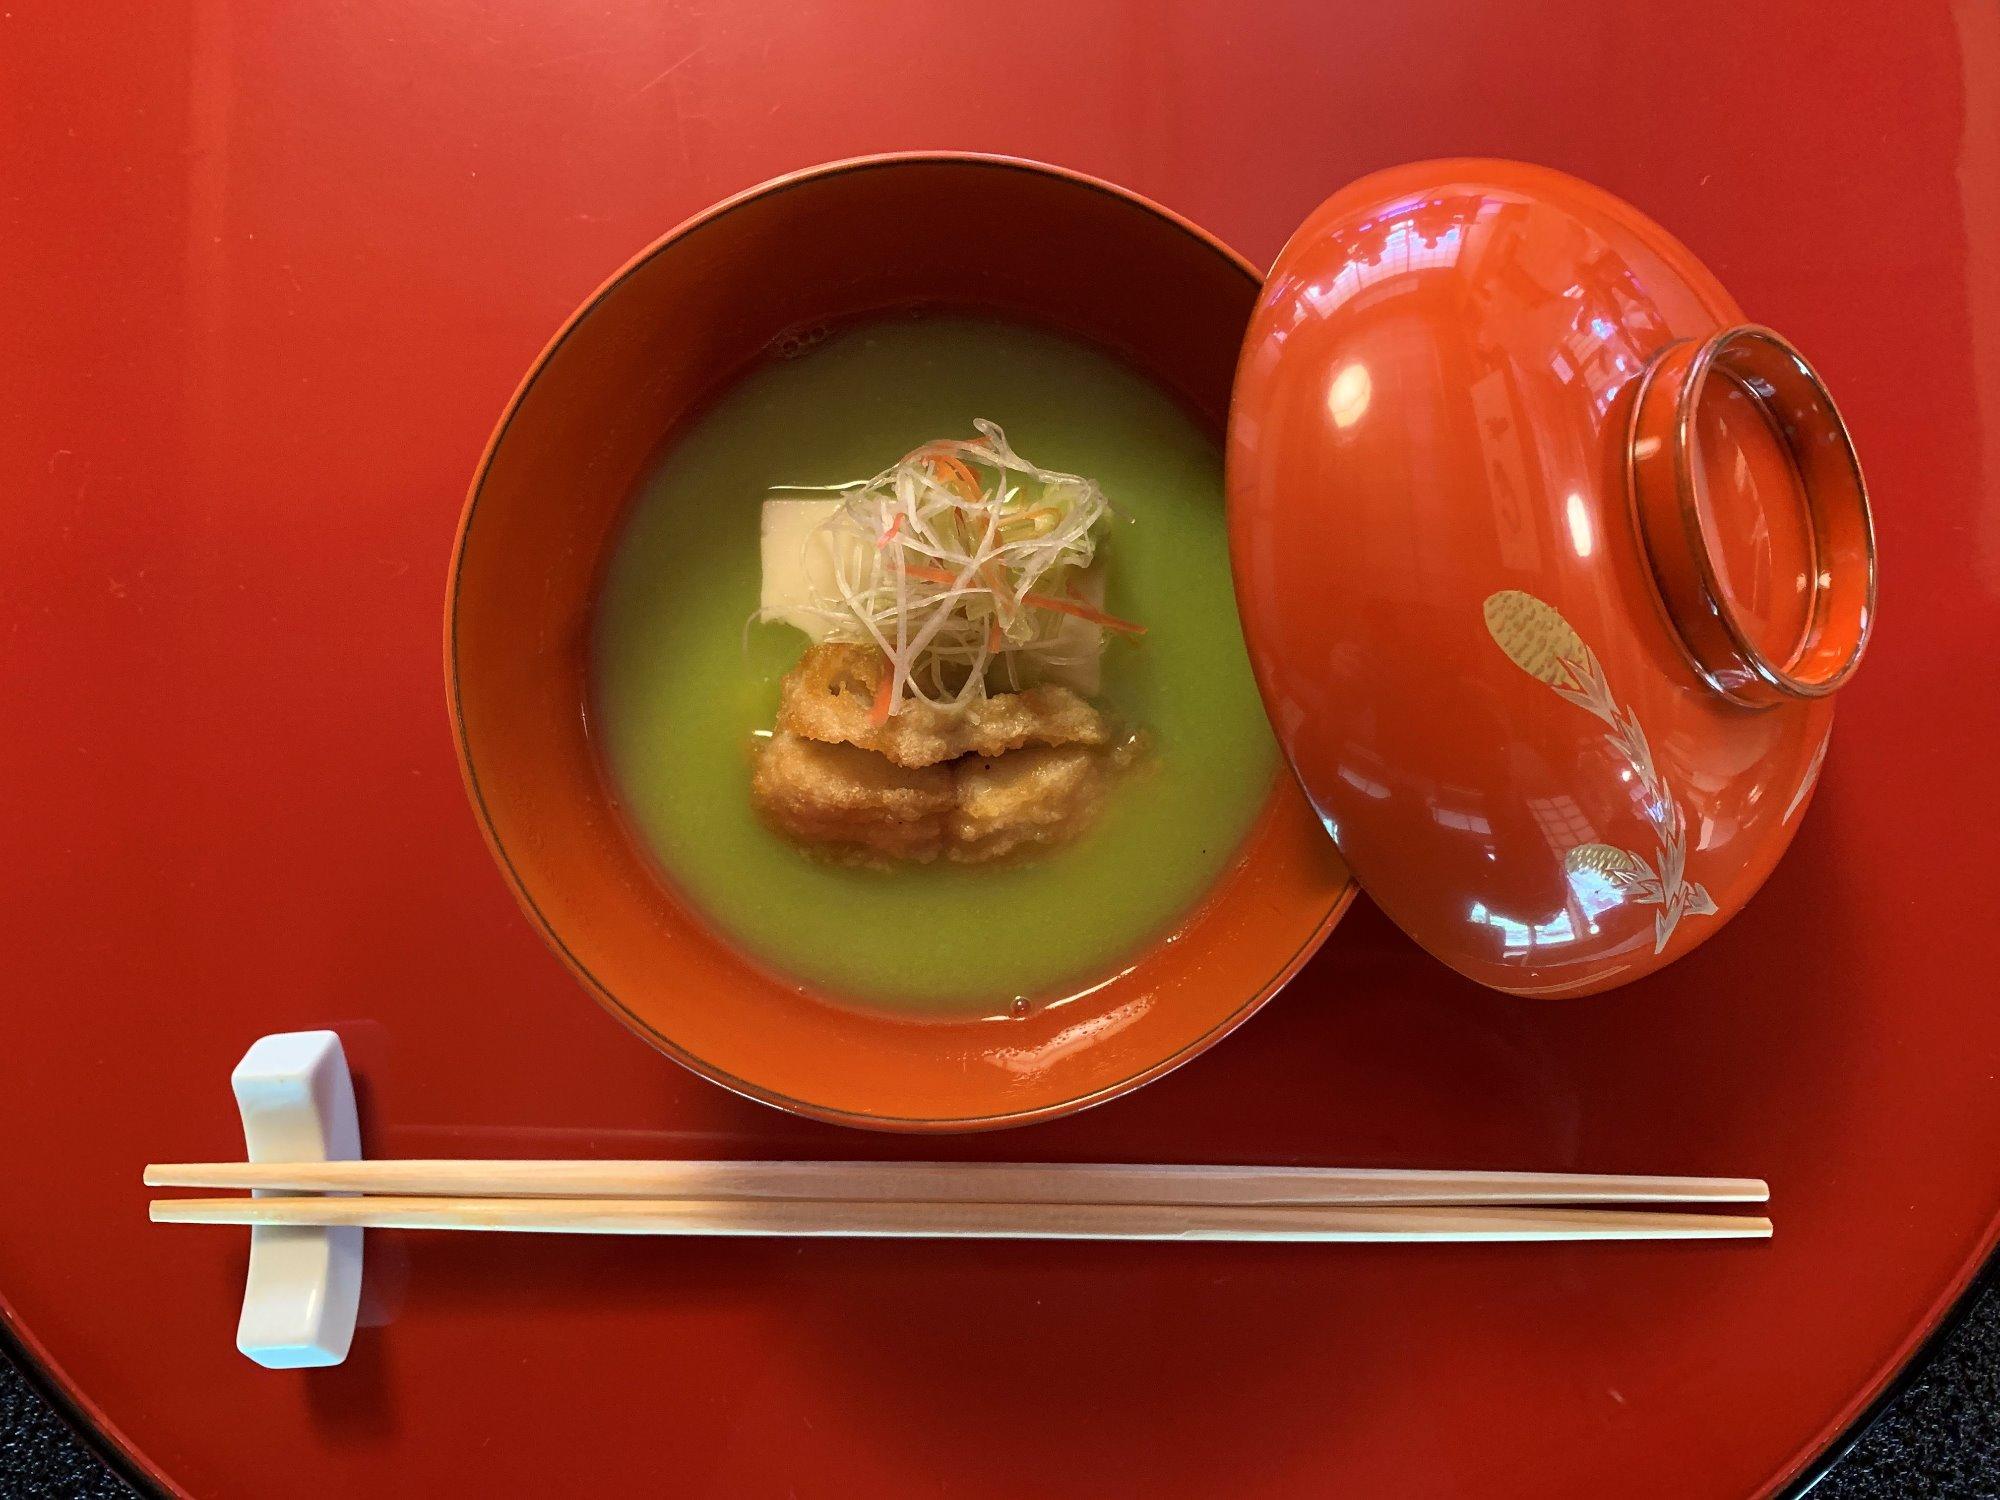 【HDC大阪 くらし向上計画】マナーを学んで食事を楽しく♪料亭・レストランでのマナー講座